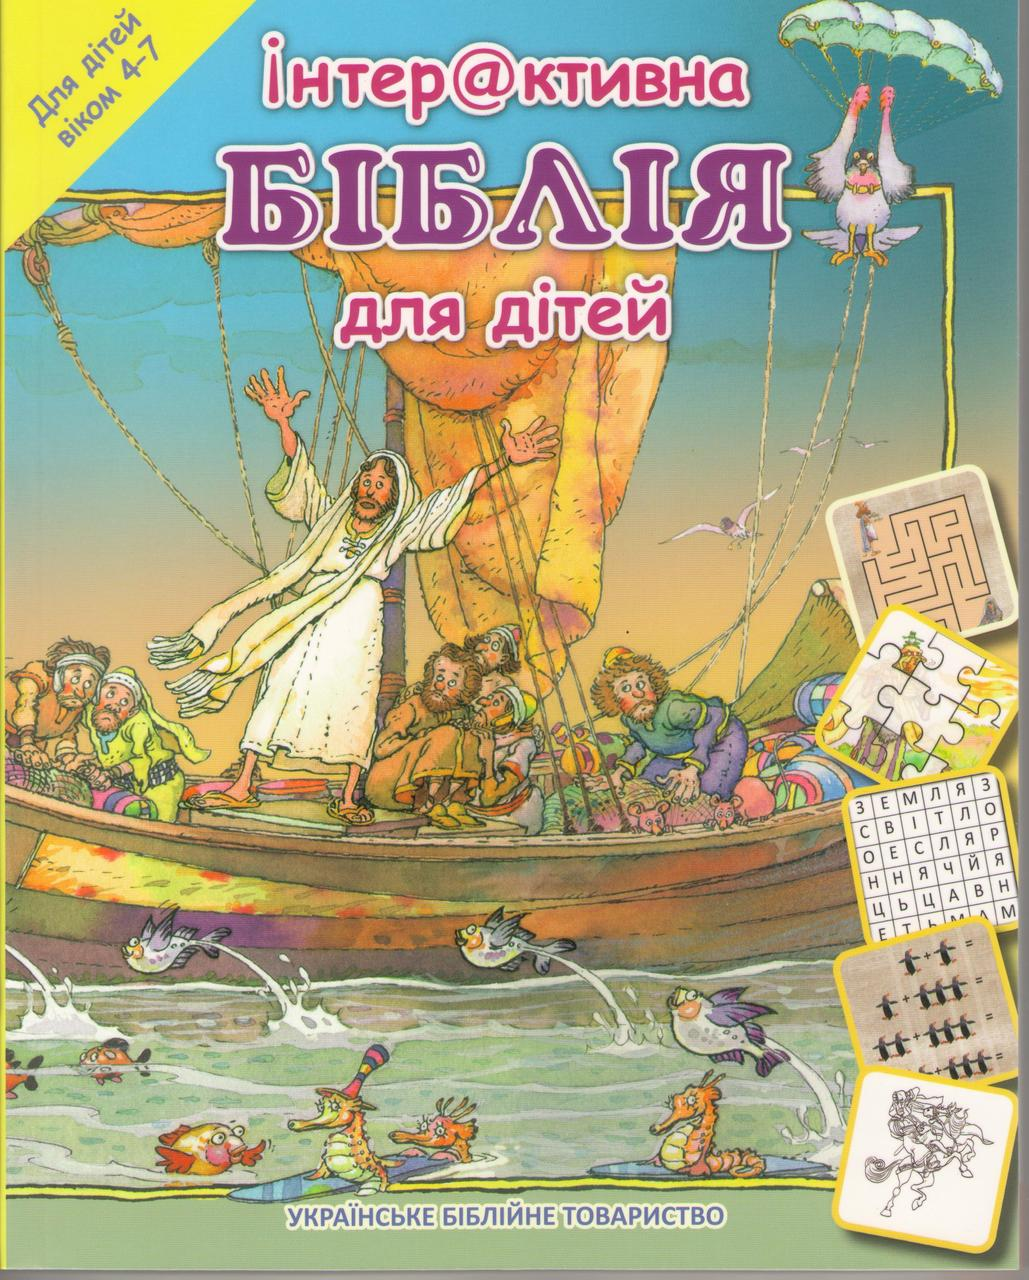 Інтерактивна Біблія для дітей. Для дітей віком 4-7